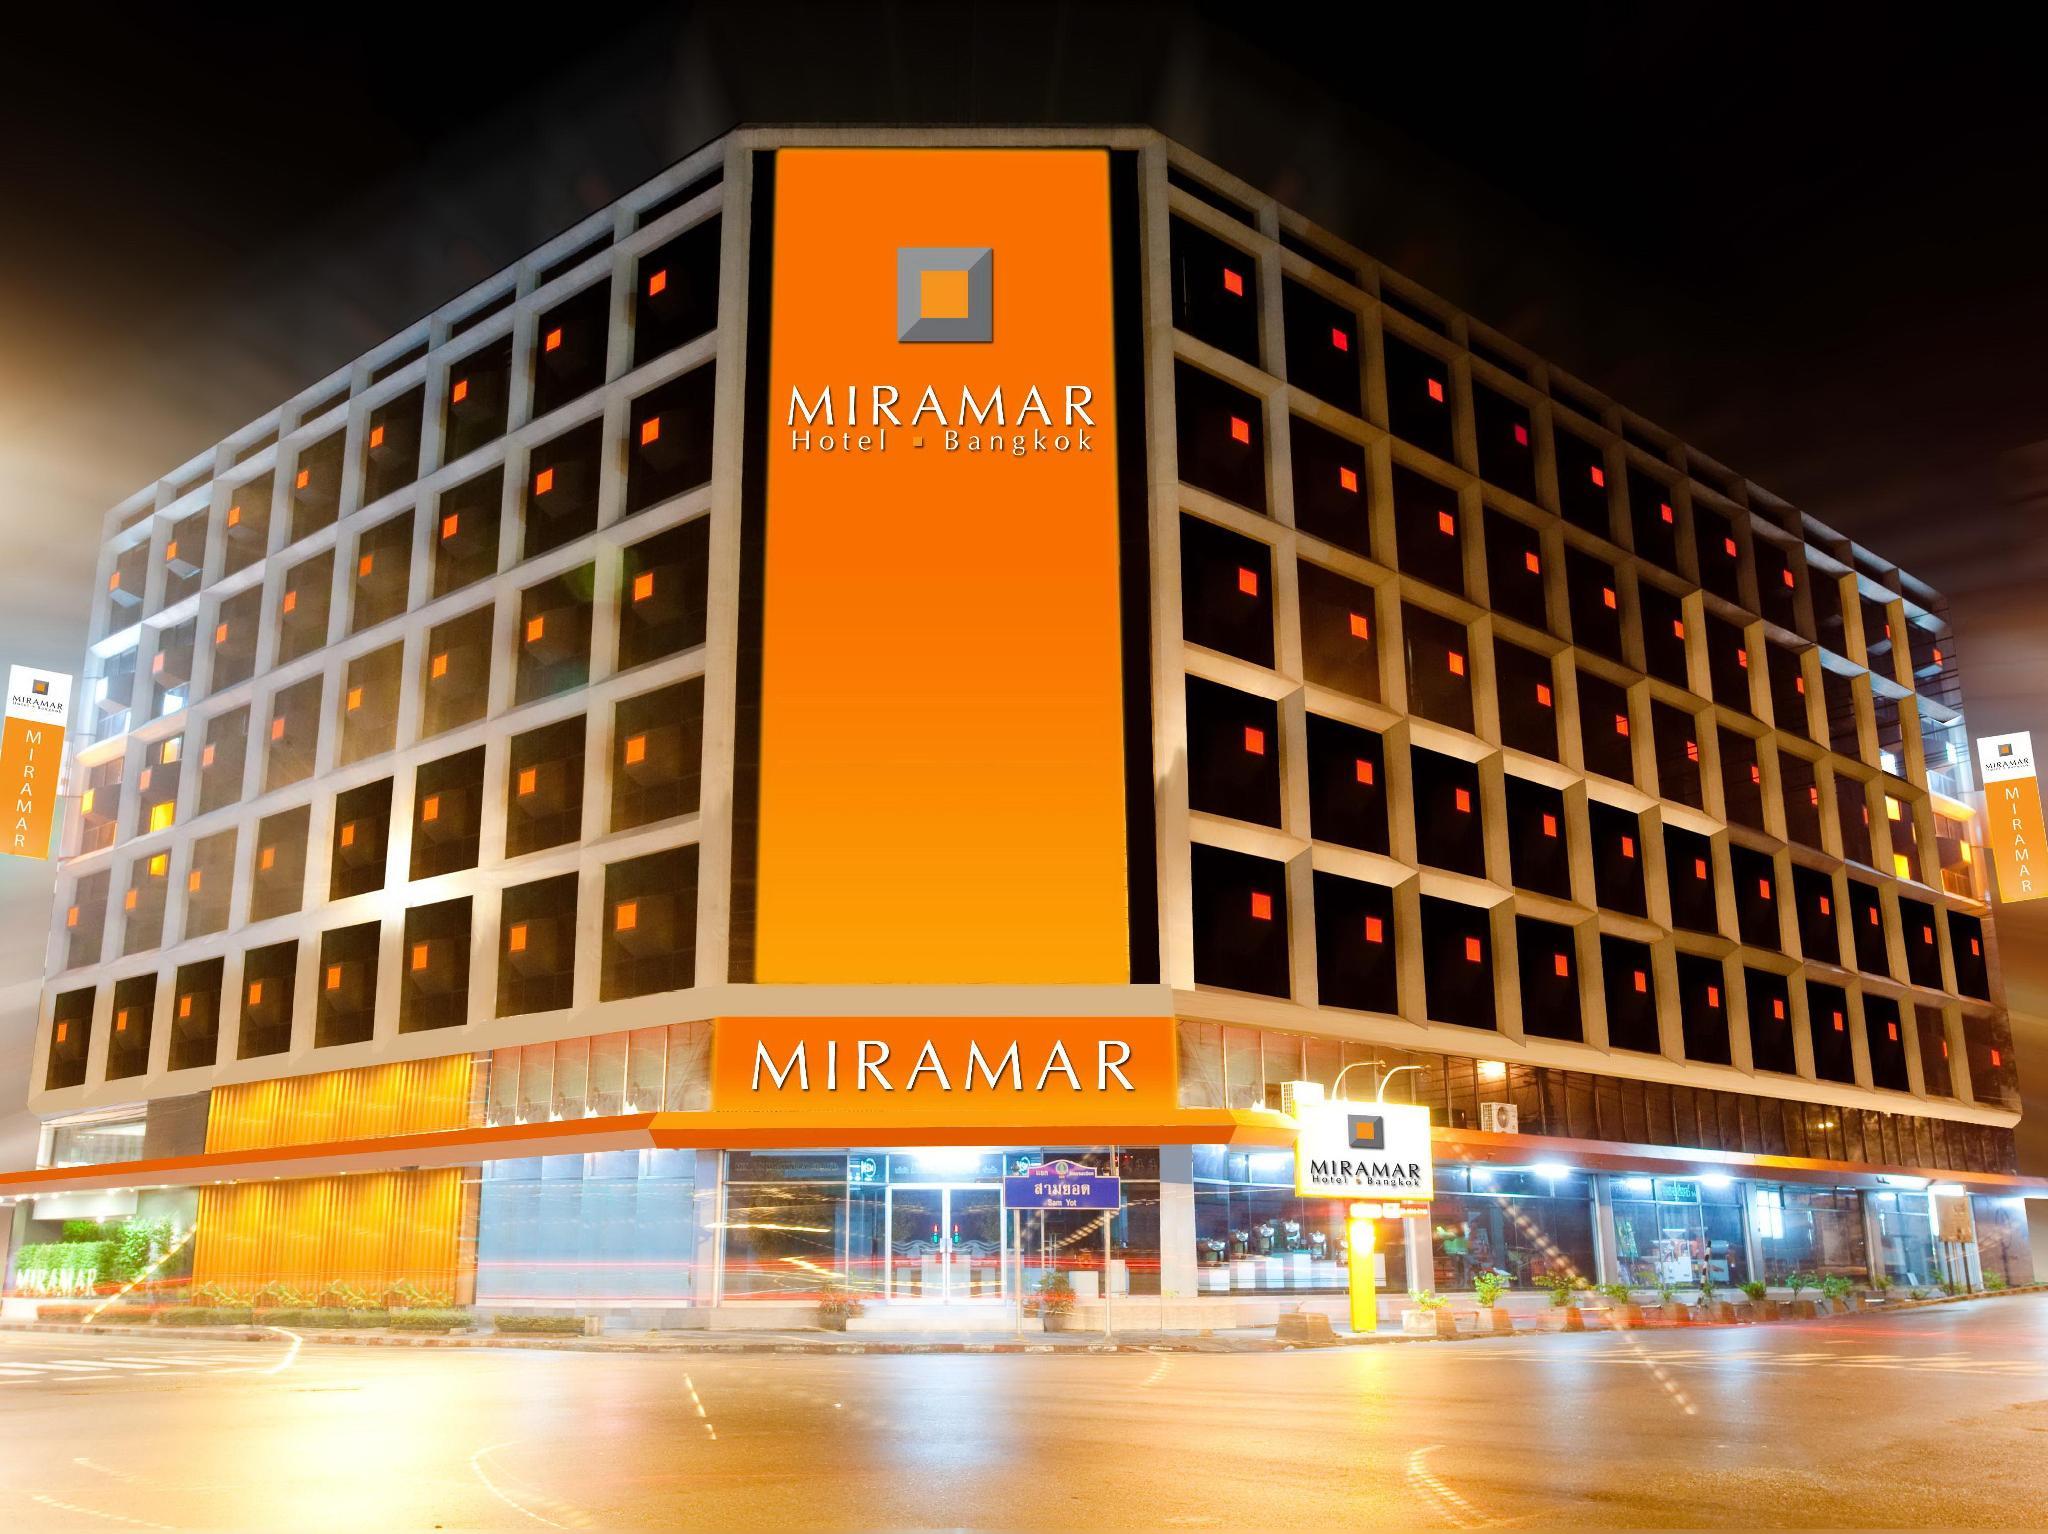 曼谷美丽华酒店 曼谷